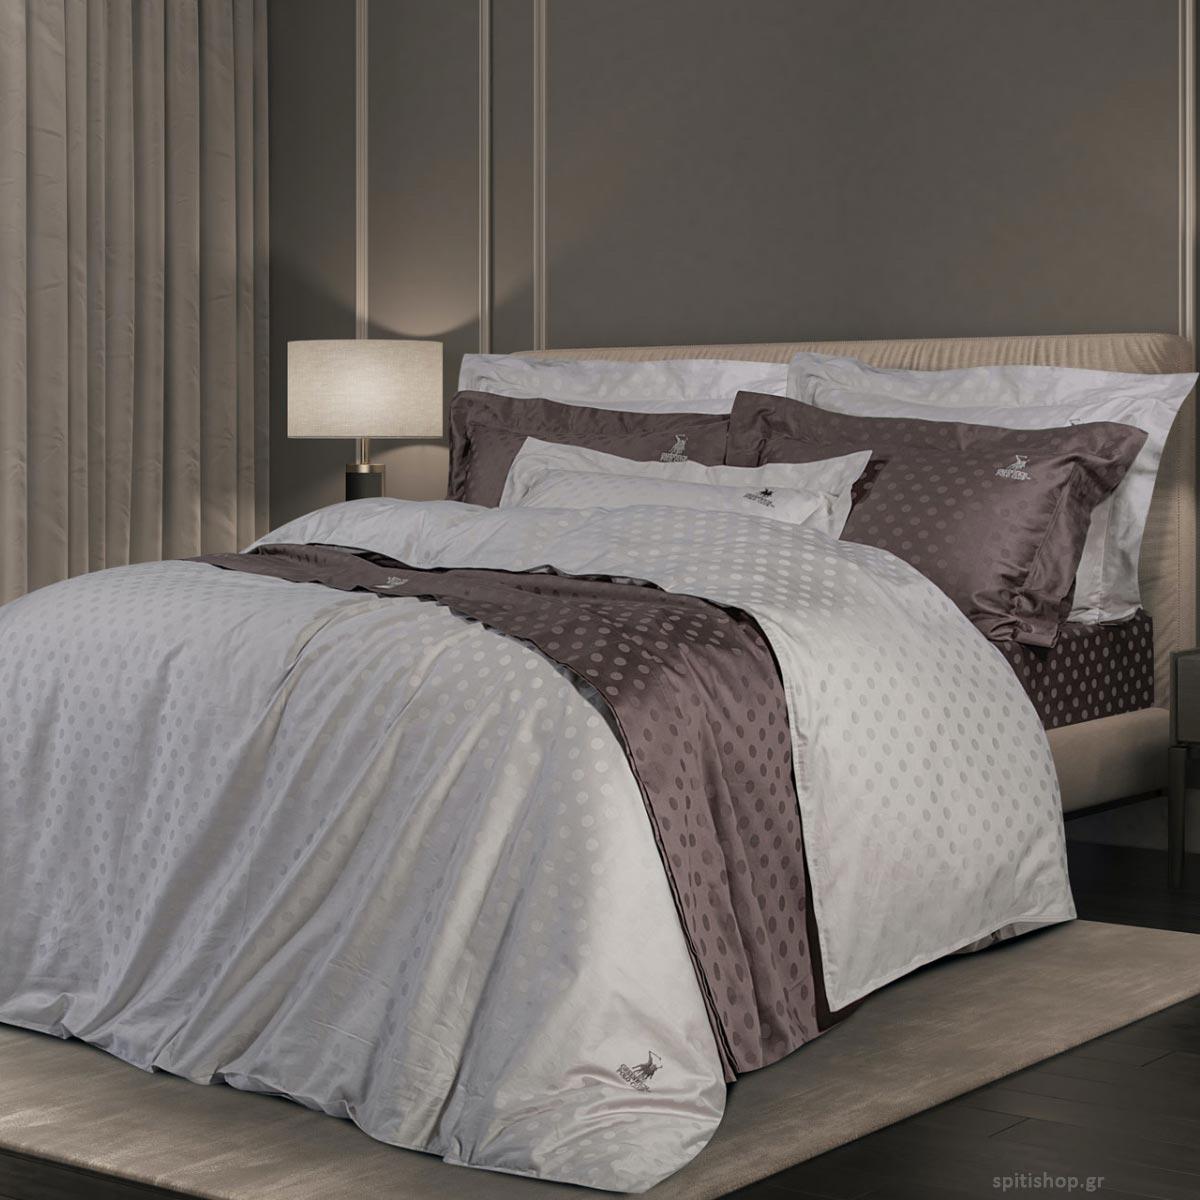 Παπλωματοθήκη Υπέρδιπλη (Σετ) Polo Club Bedroom 2095